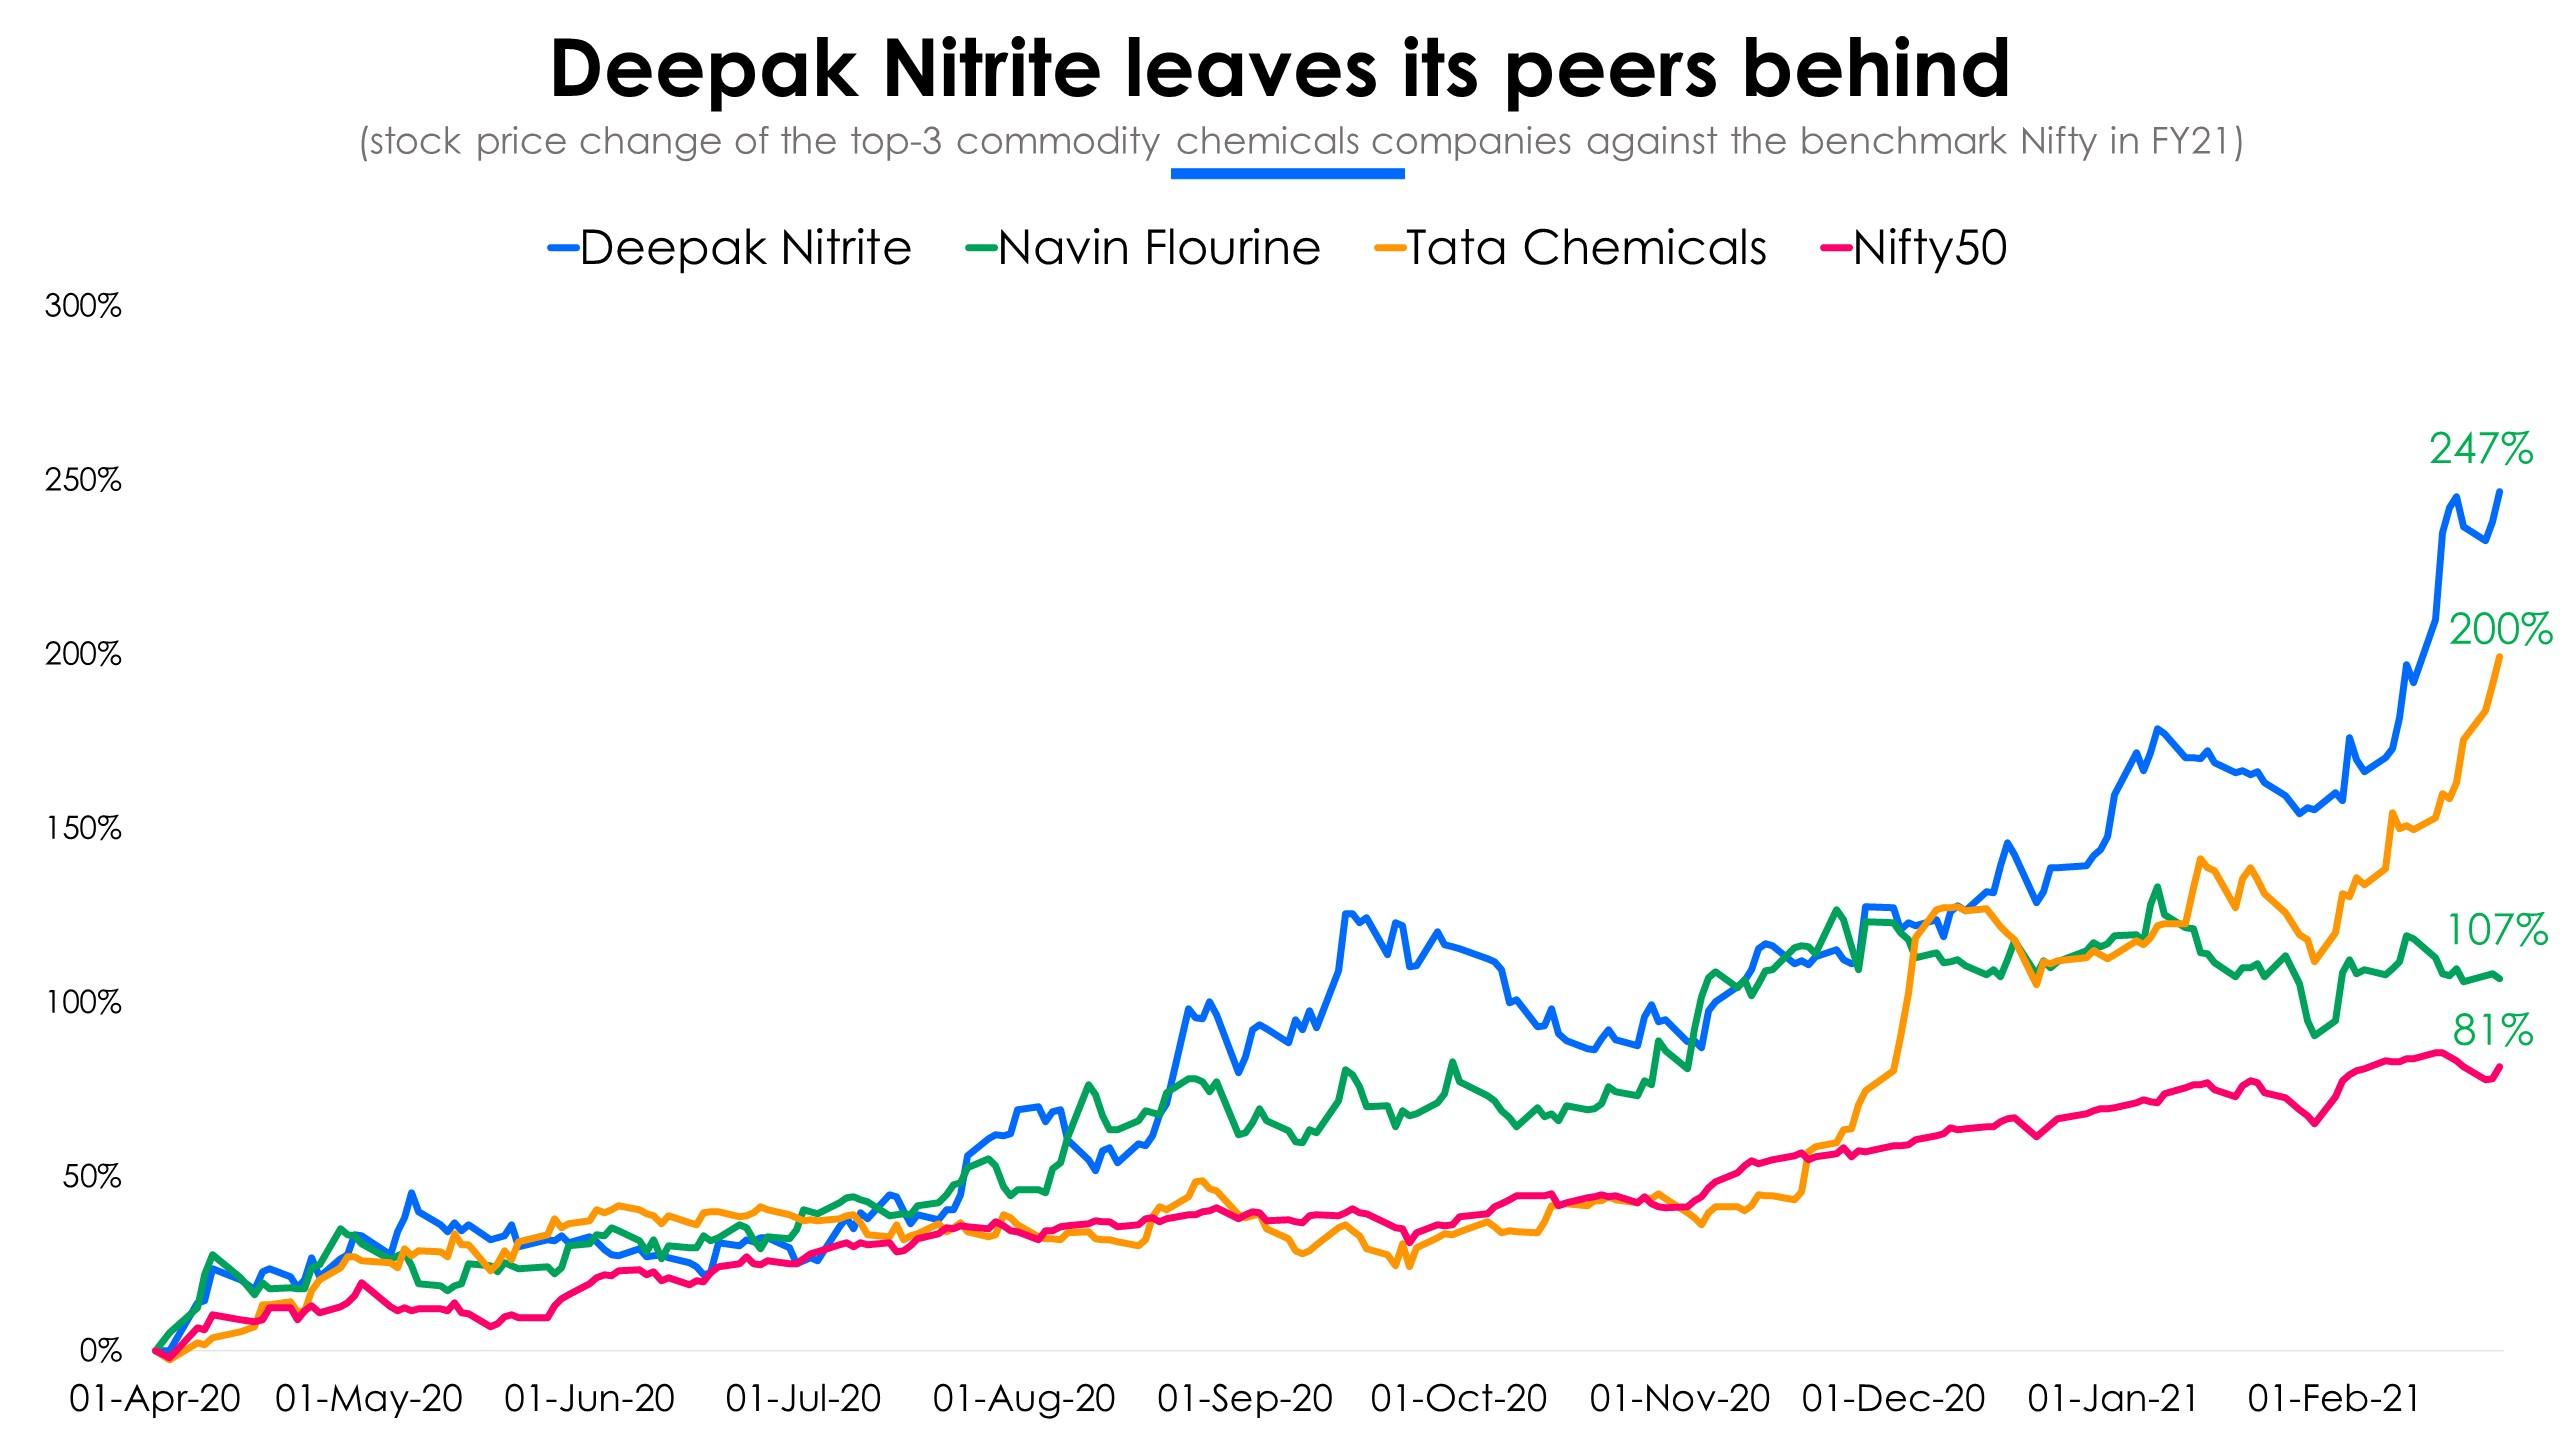 Deepak Nitrite versus peers Stock Price Change